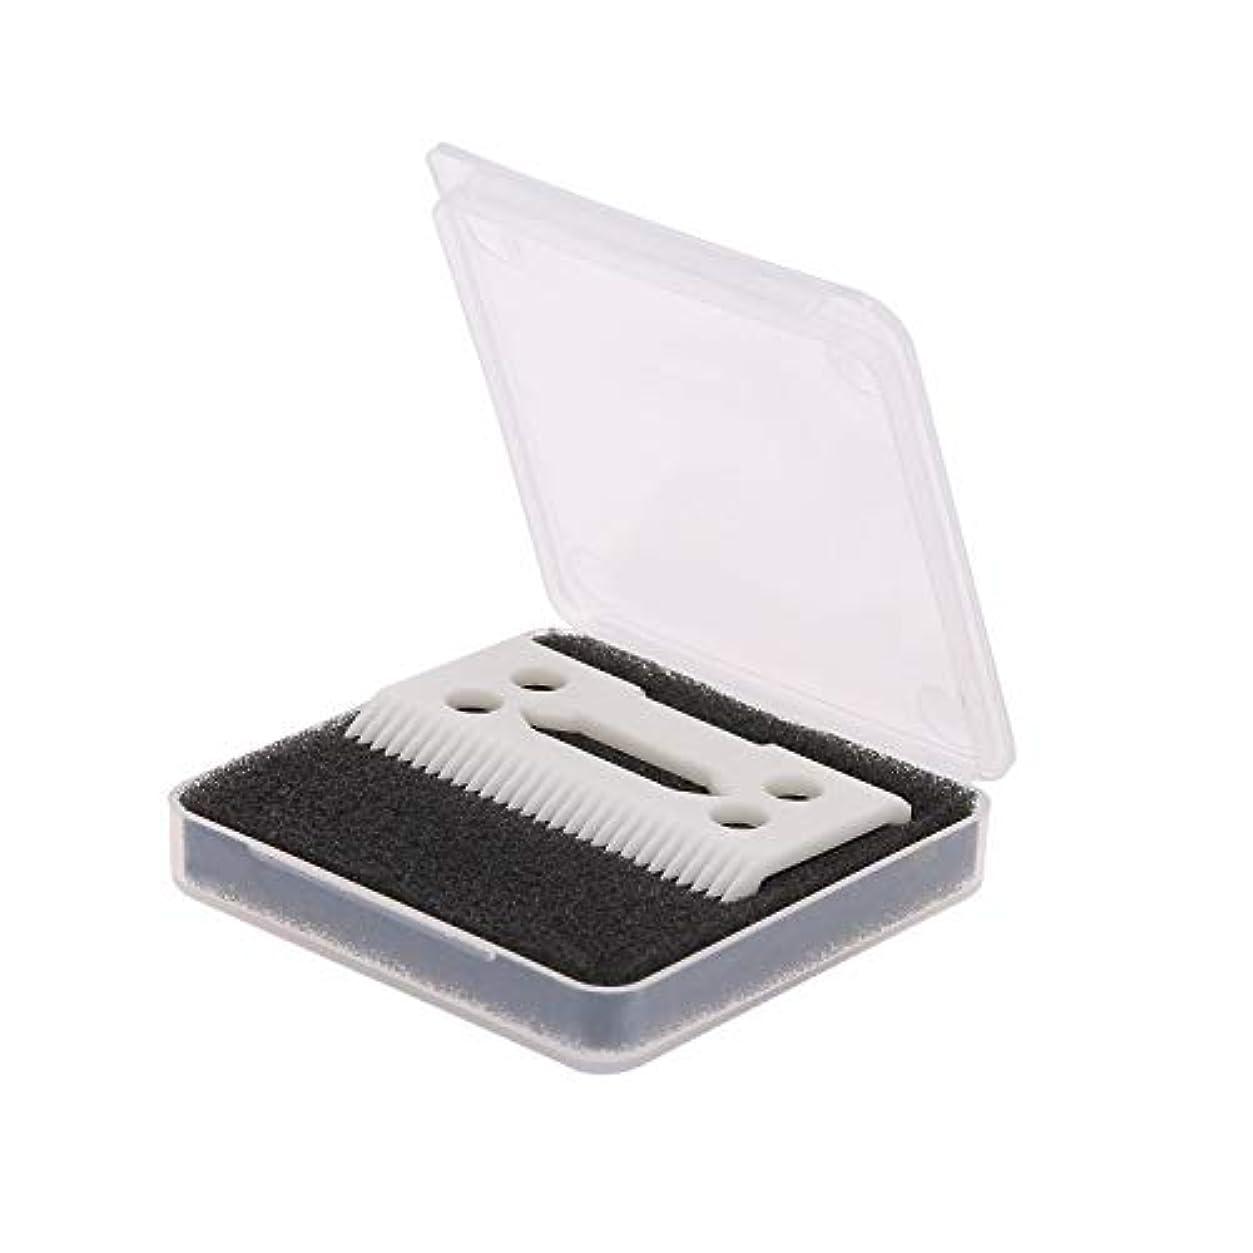 インゲンスキル掻くDecdeal シェーバー交換ヘッド 互換性のあるバリカンセラミックヘッド交換ヘッドヘアトリマーヘッド